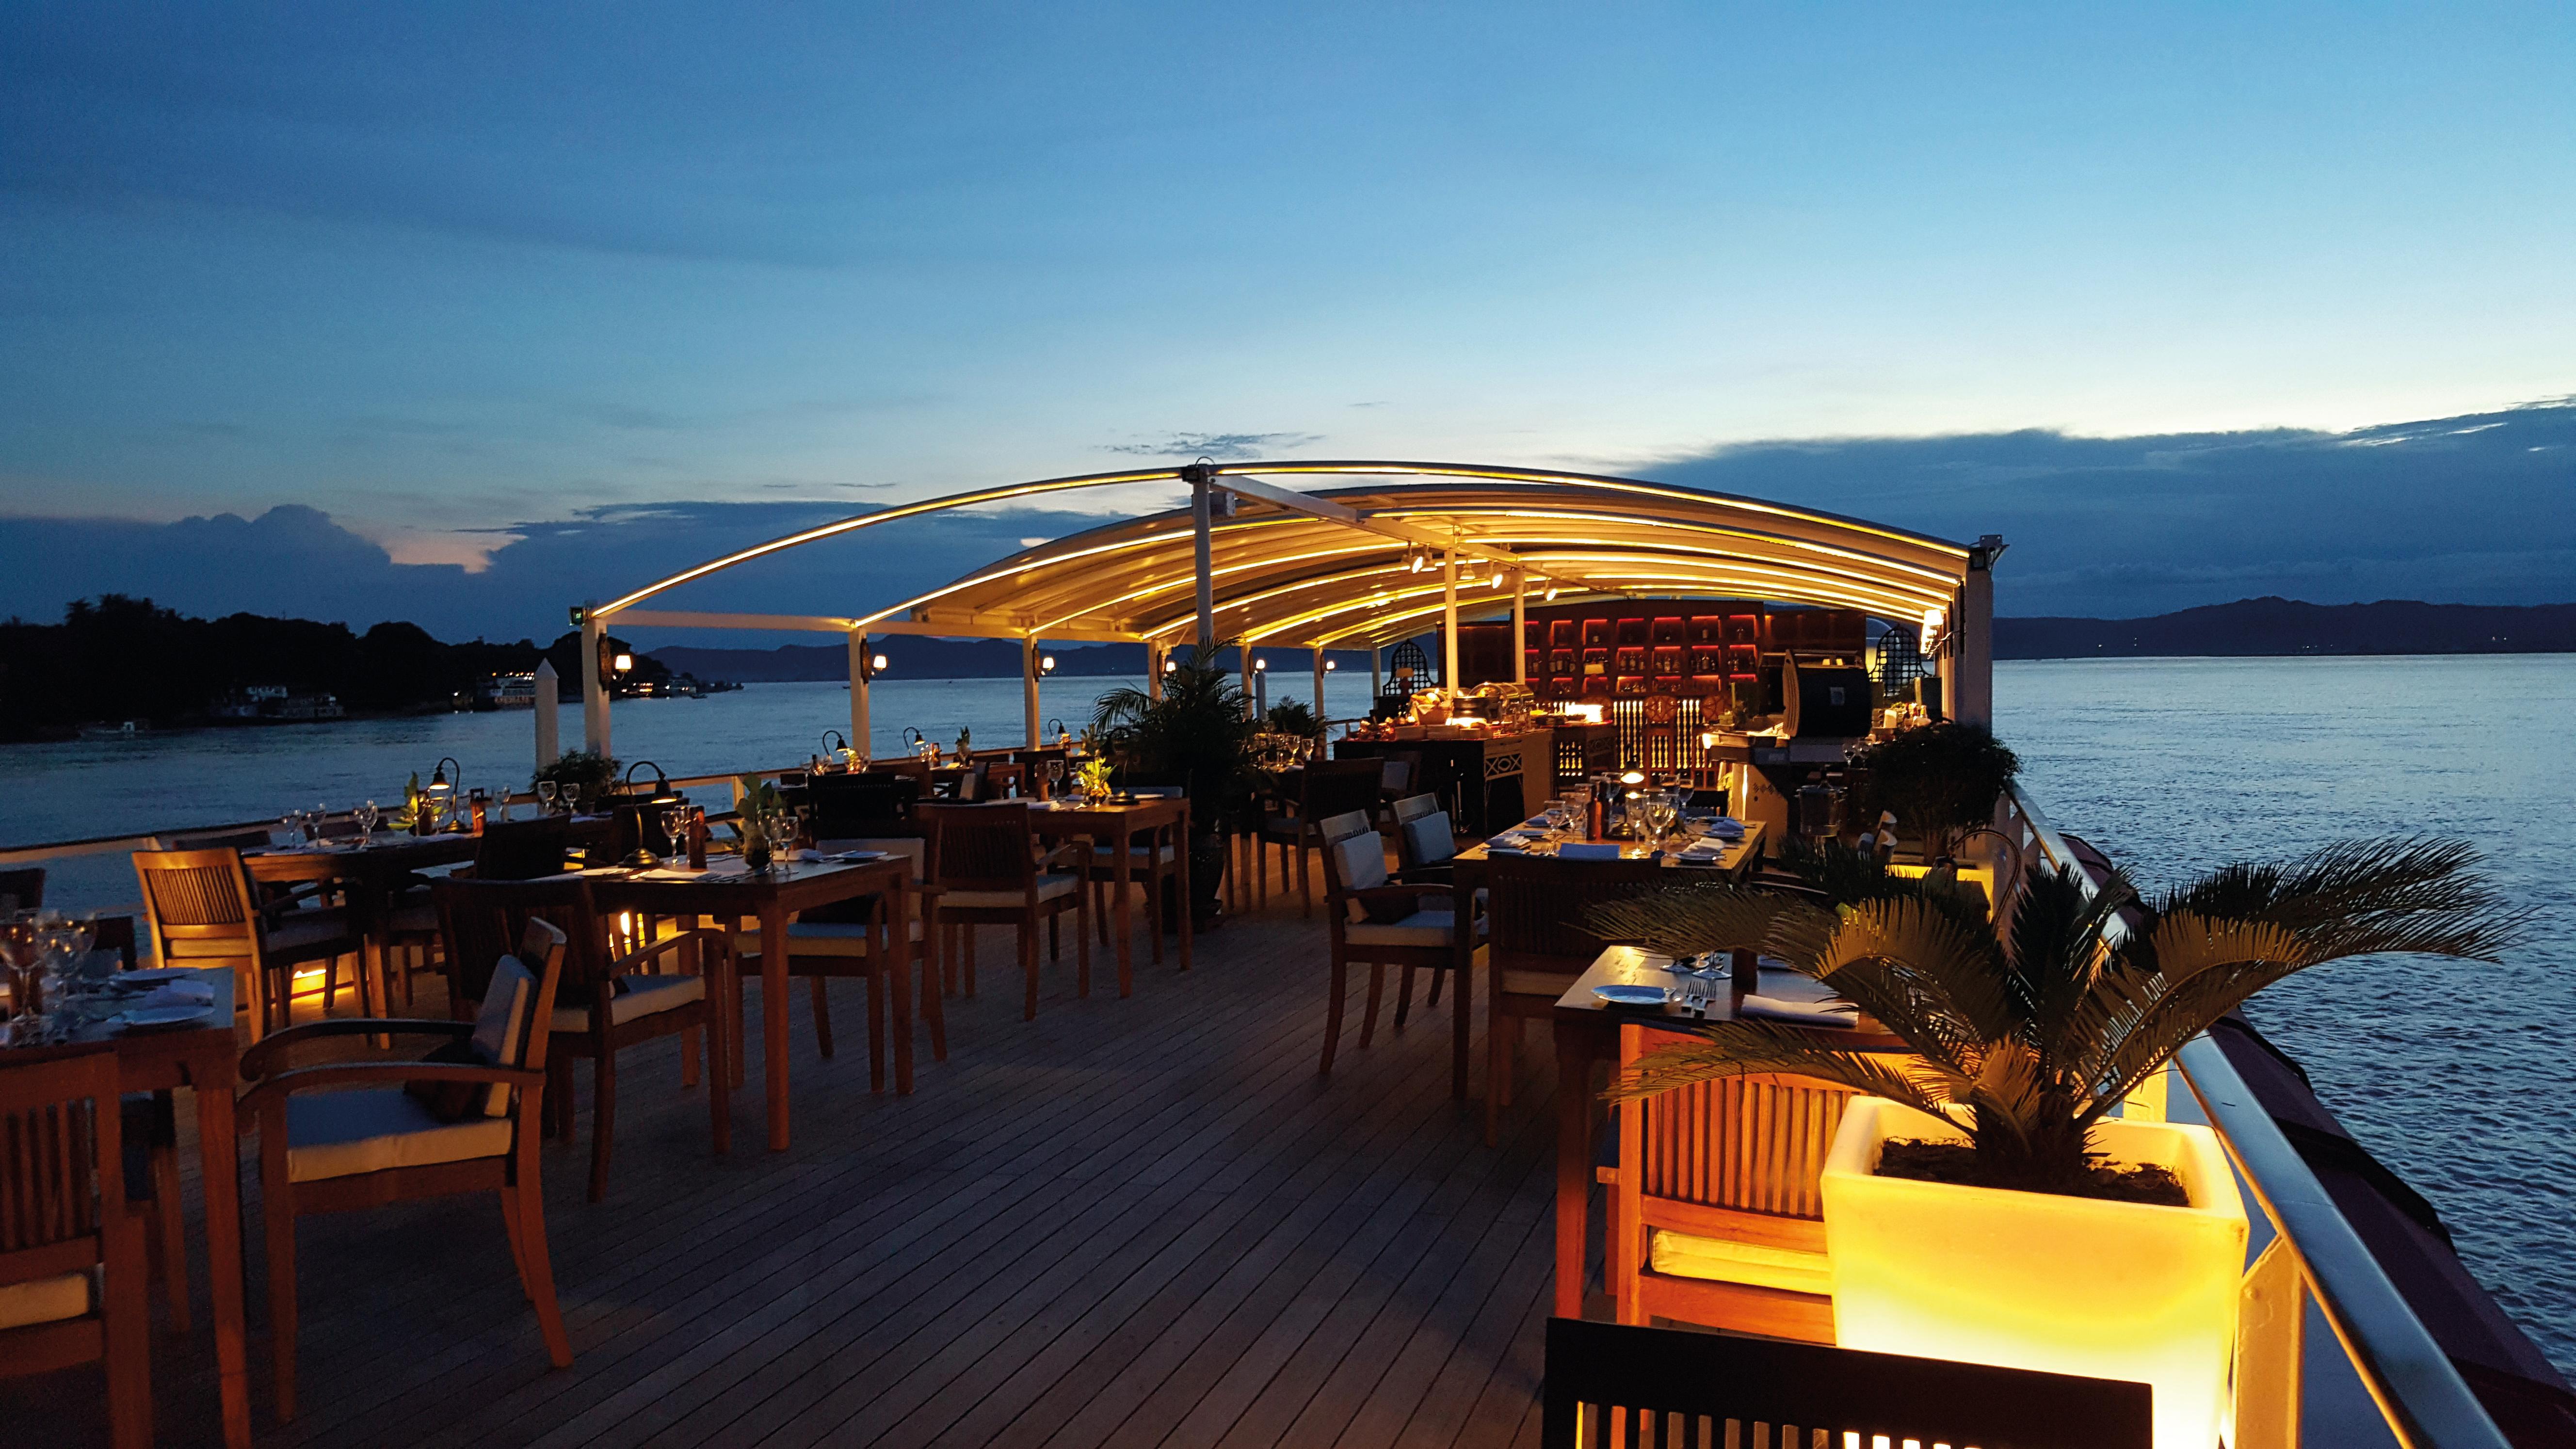 irrawaddy-belmond-luxury-cruise